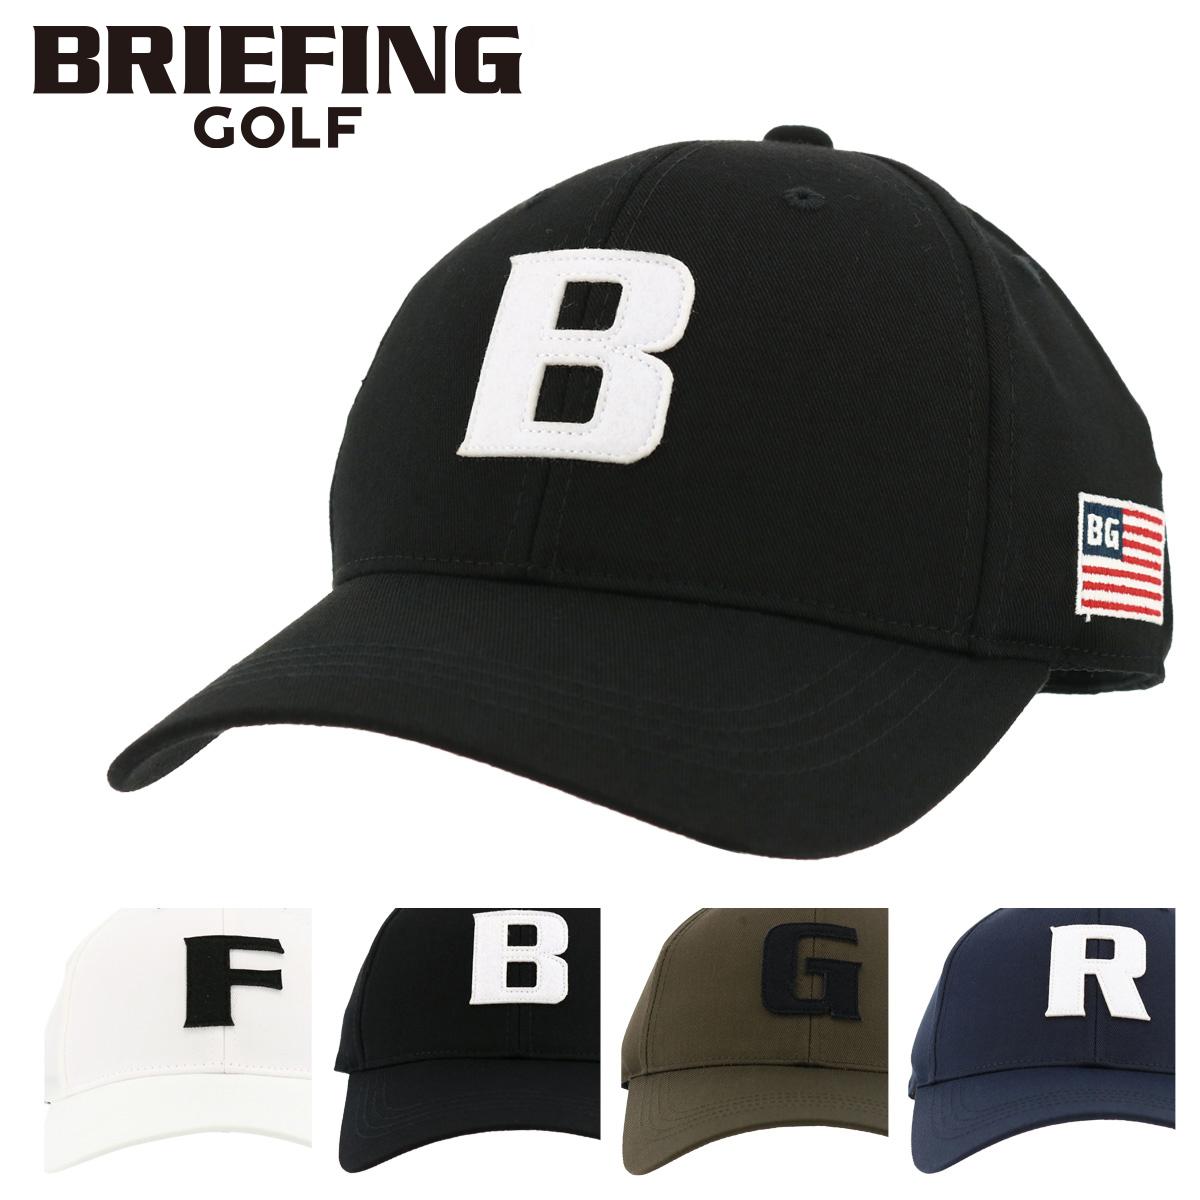 送料無料 現金特価 あす楽 ブリーフィング ゴルフ 実物 帽子 キャップ メンズ BRG213M74 即日発送 MENS INITIAL GOLF CAP スポーツ BRIEFING